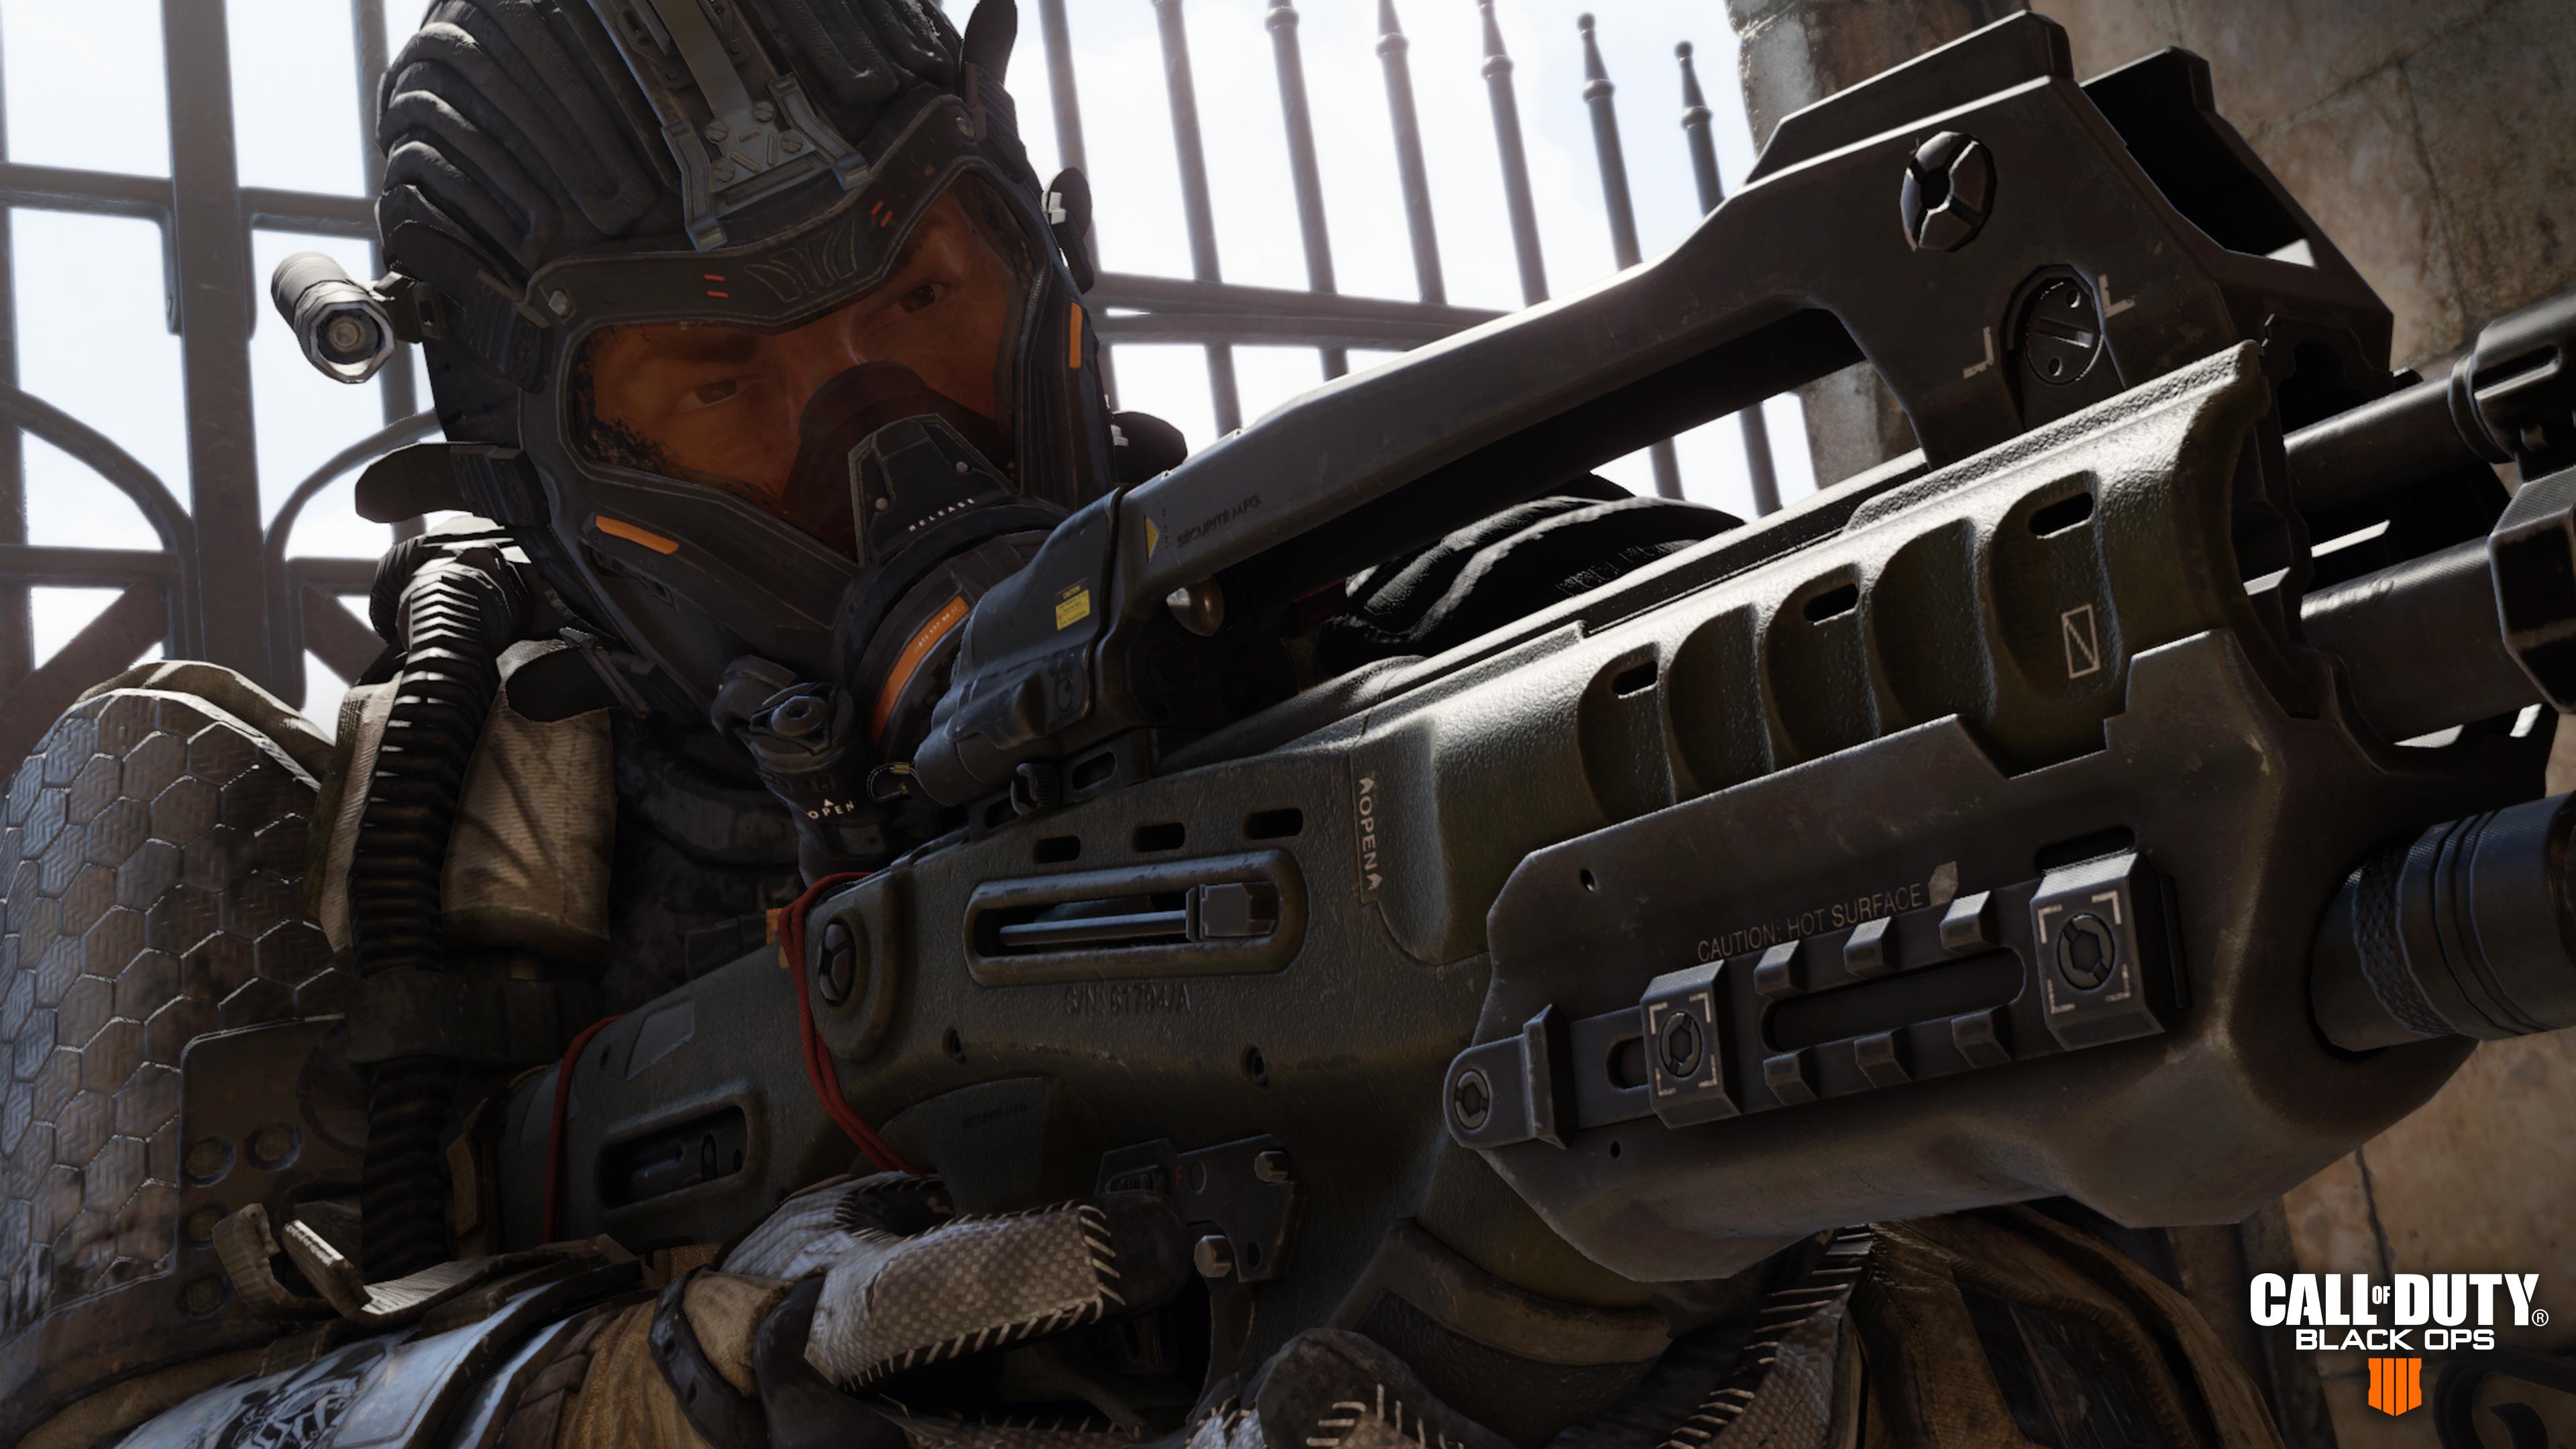 Call of Duty: Black Ops 4 - Firebreak aiming a gun